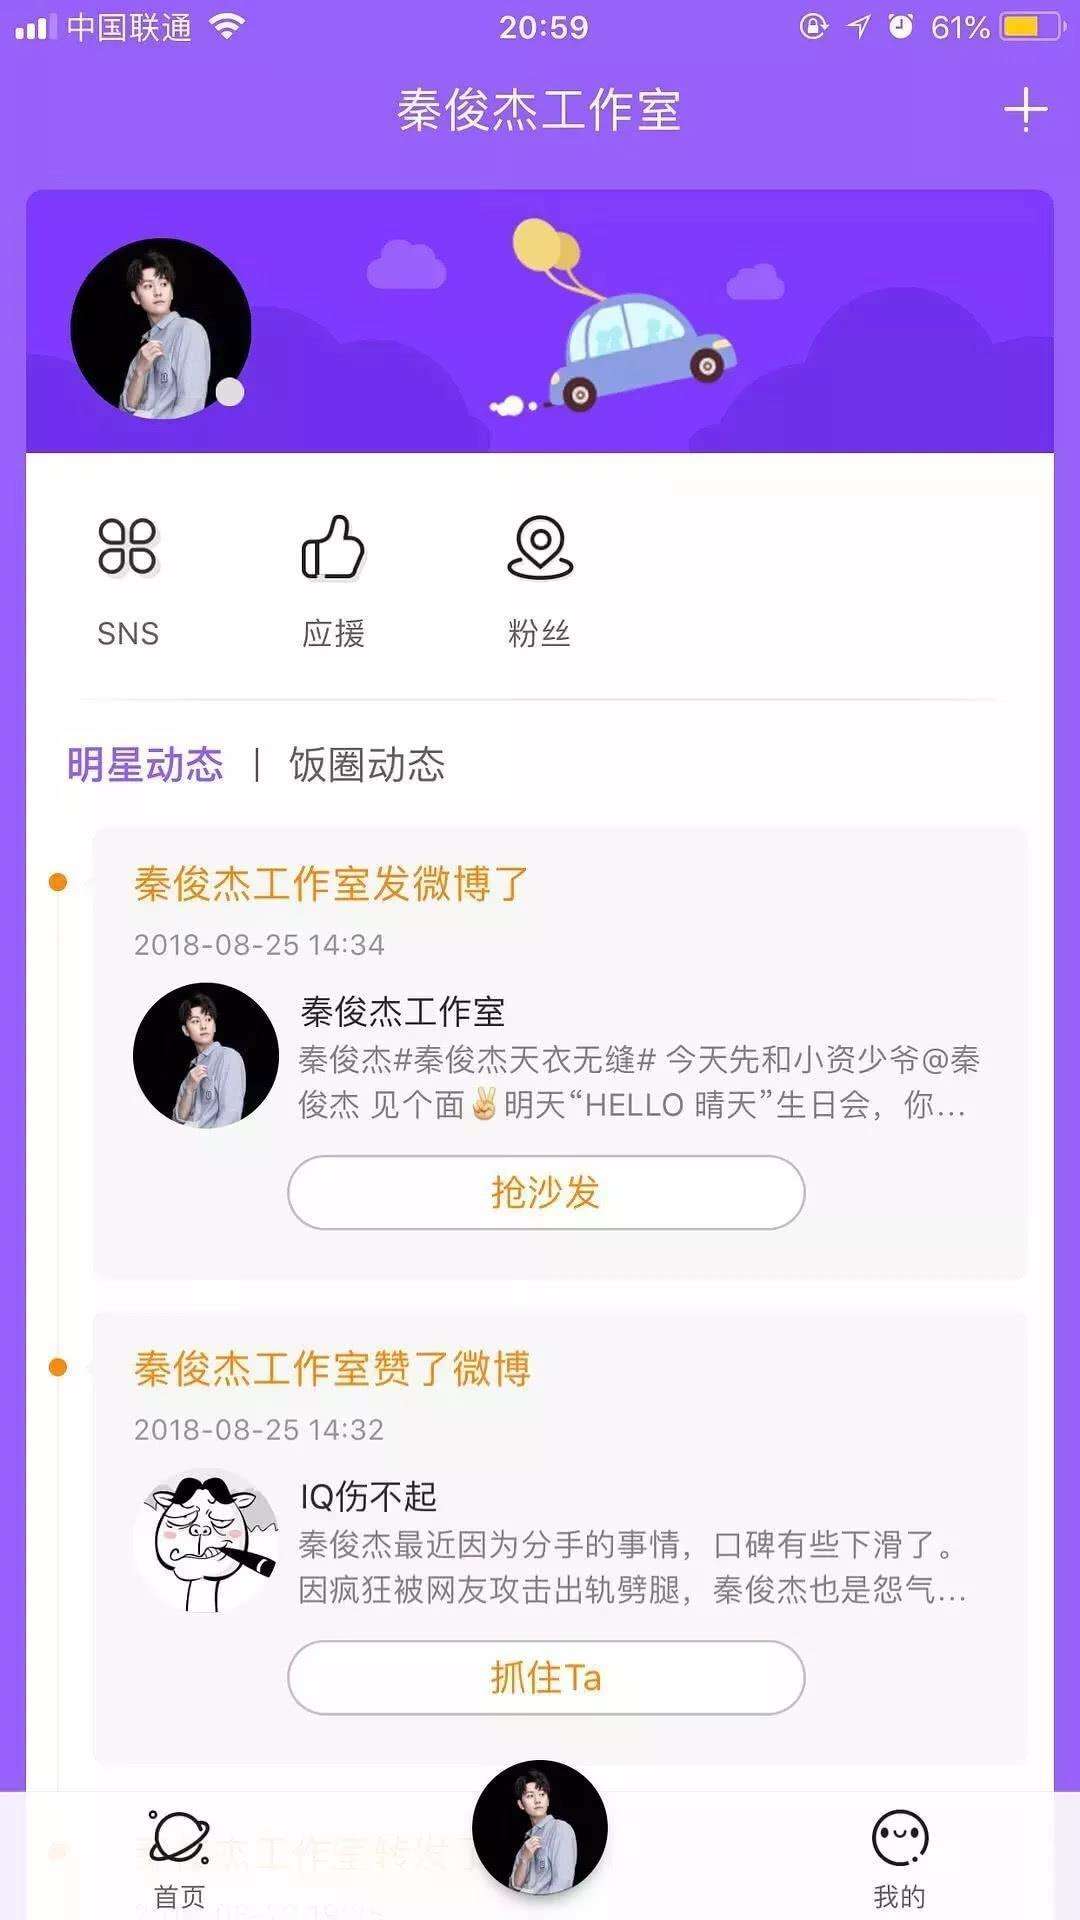 秦俊杰工作室疑点赞diss杨紫微博:异性缘好导致分手?